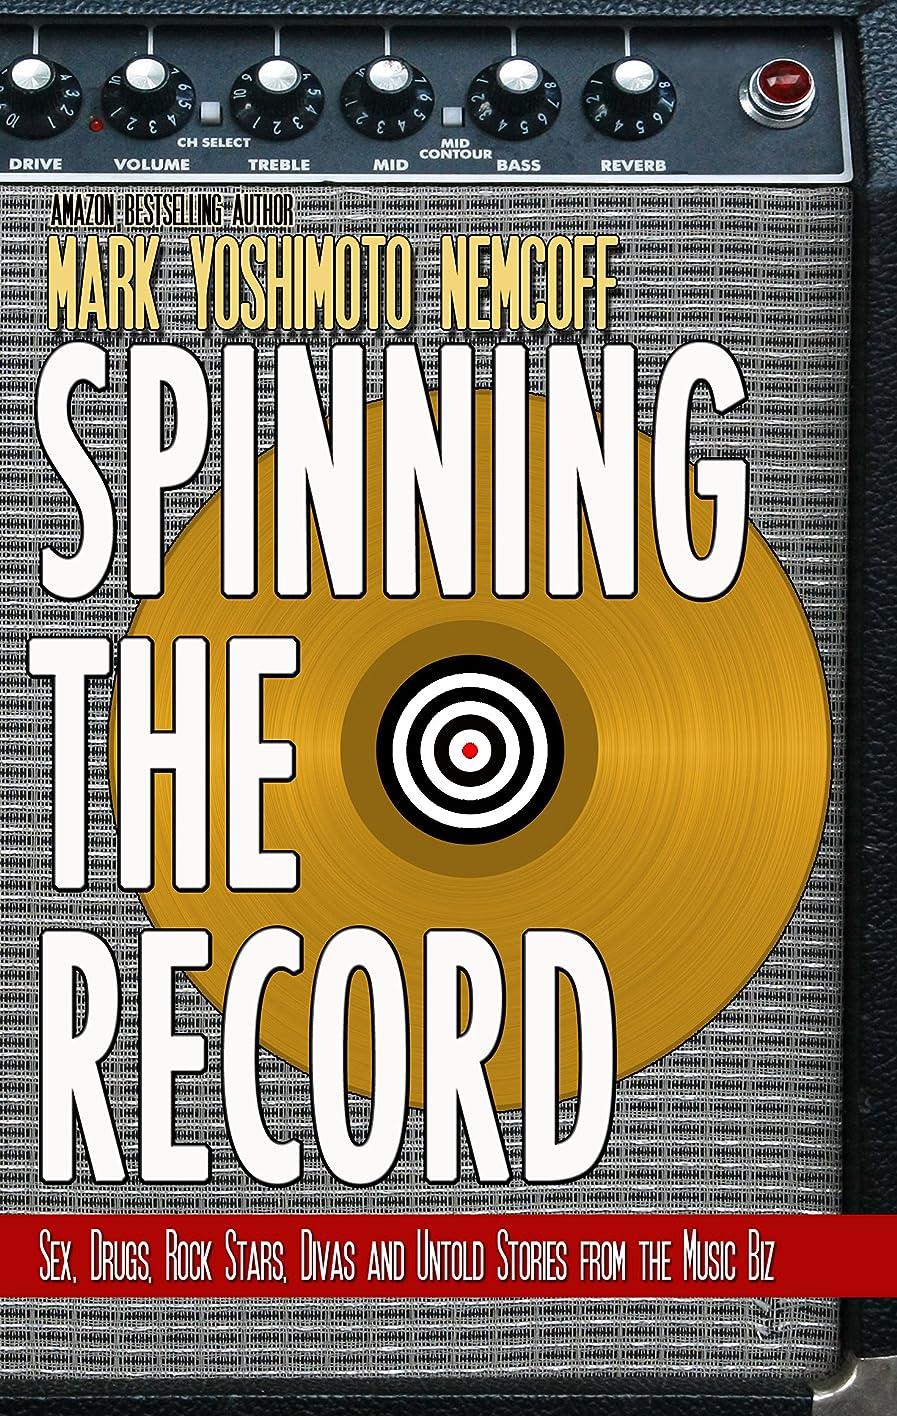 威する悪性腫瘍侵入するSpinning The Record: Sex, Drugs, Rock Stars, Divas and Untold Tales from the Music Biz (English Edition)